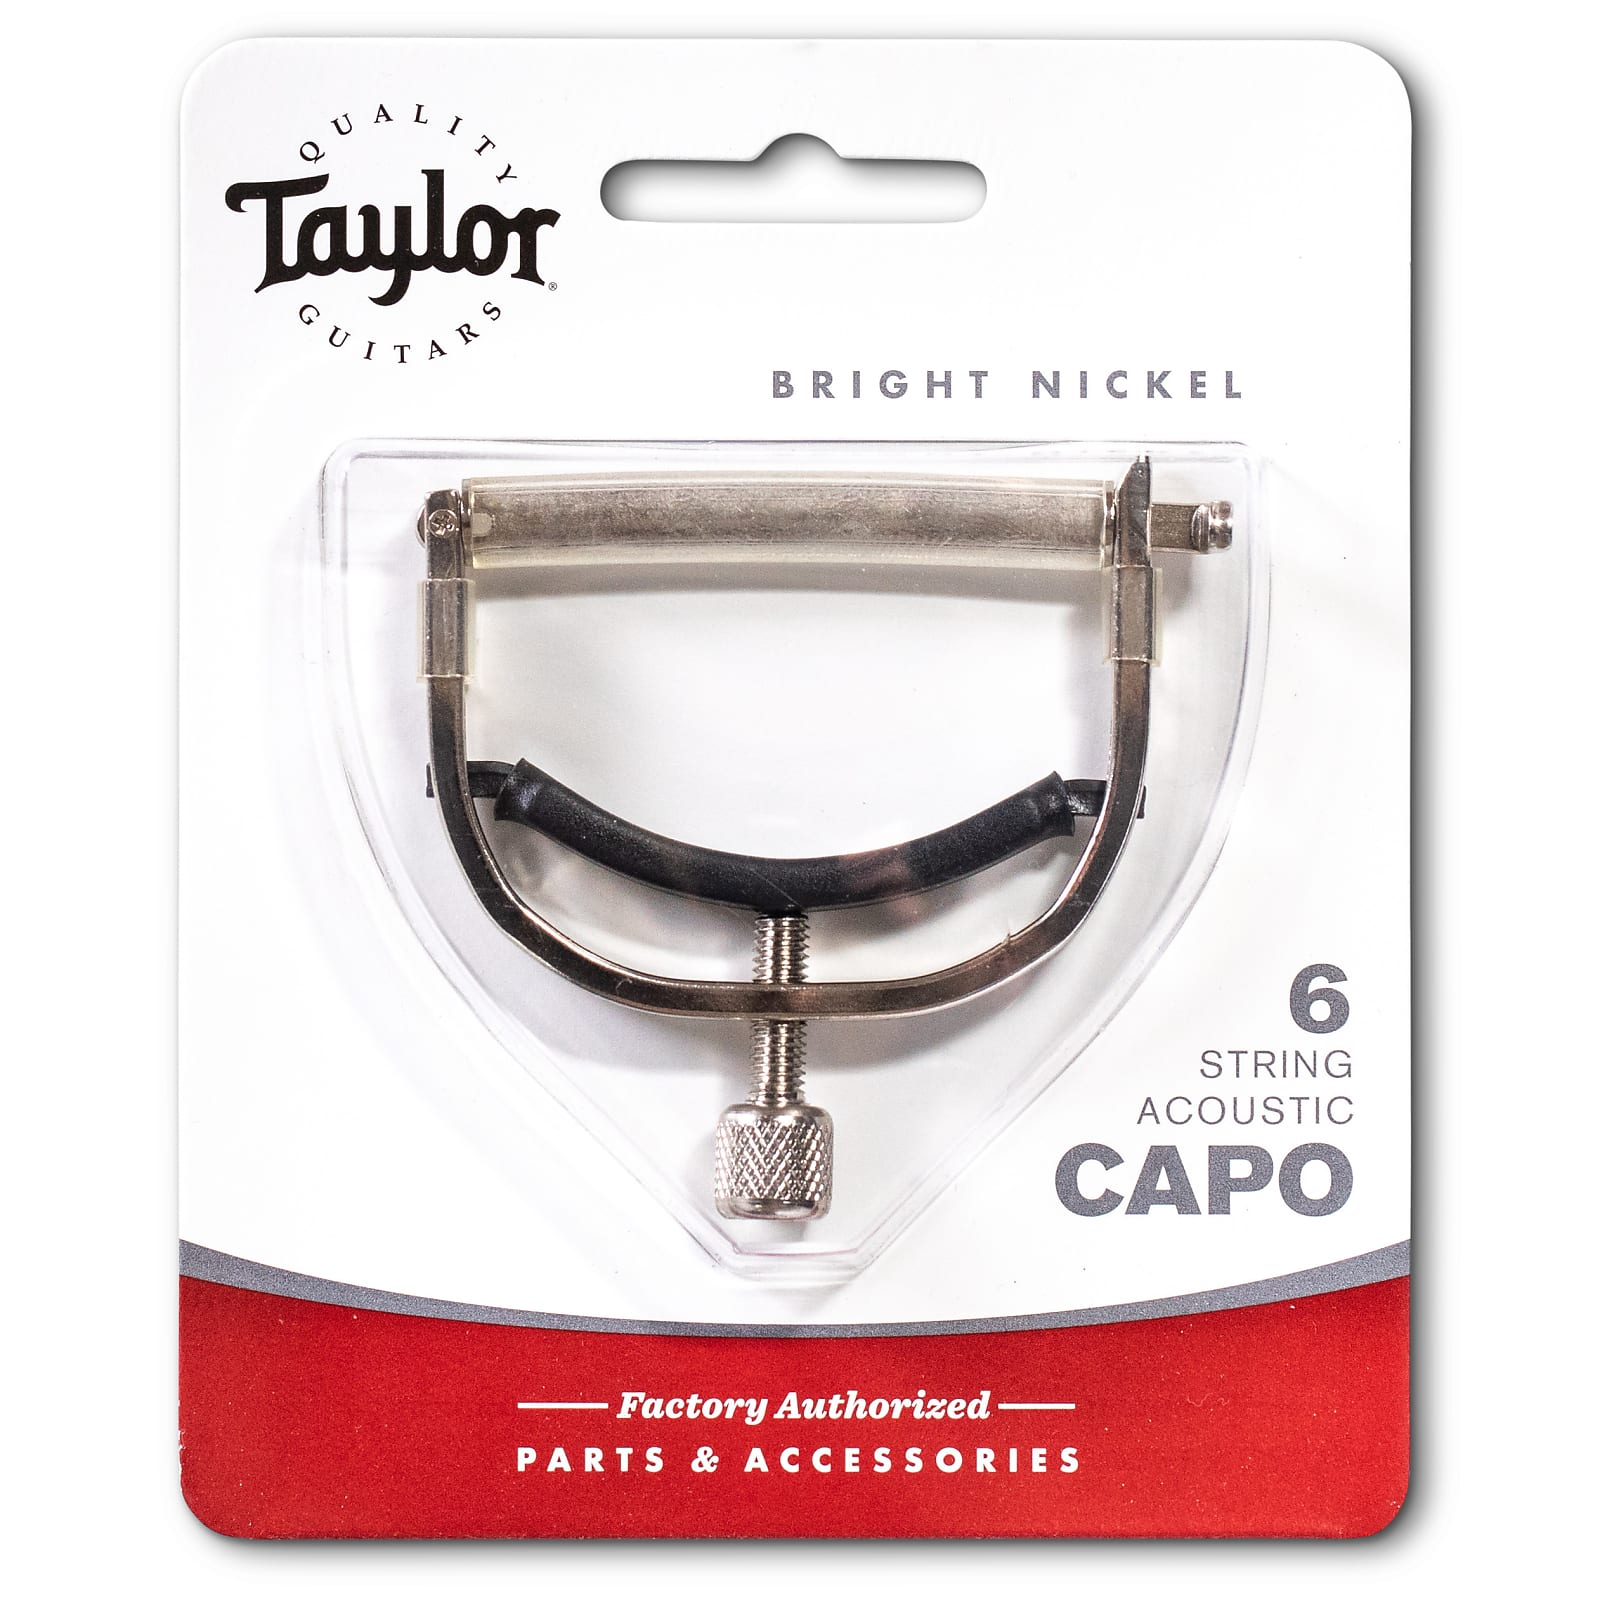 Taylor Capo, 6-String, Bright Nickel